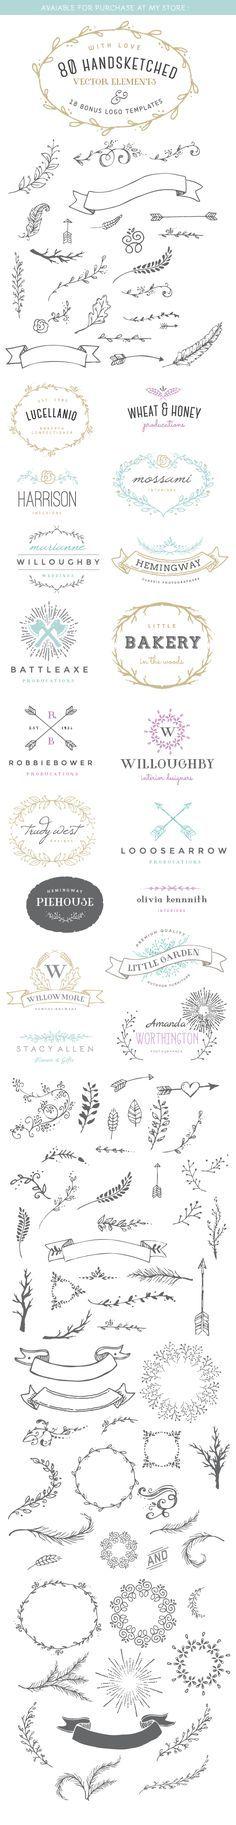 #Hochzeitspapeterie: 80 handgezeichnete Vektoren und Logo-Entwürfe für Einladungen und Co.